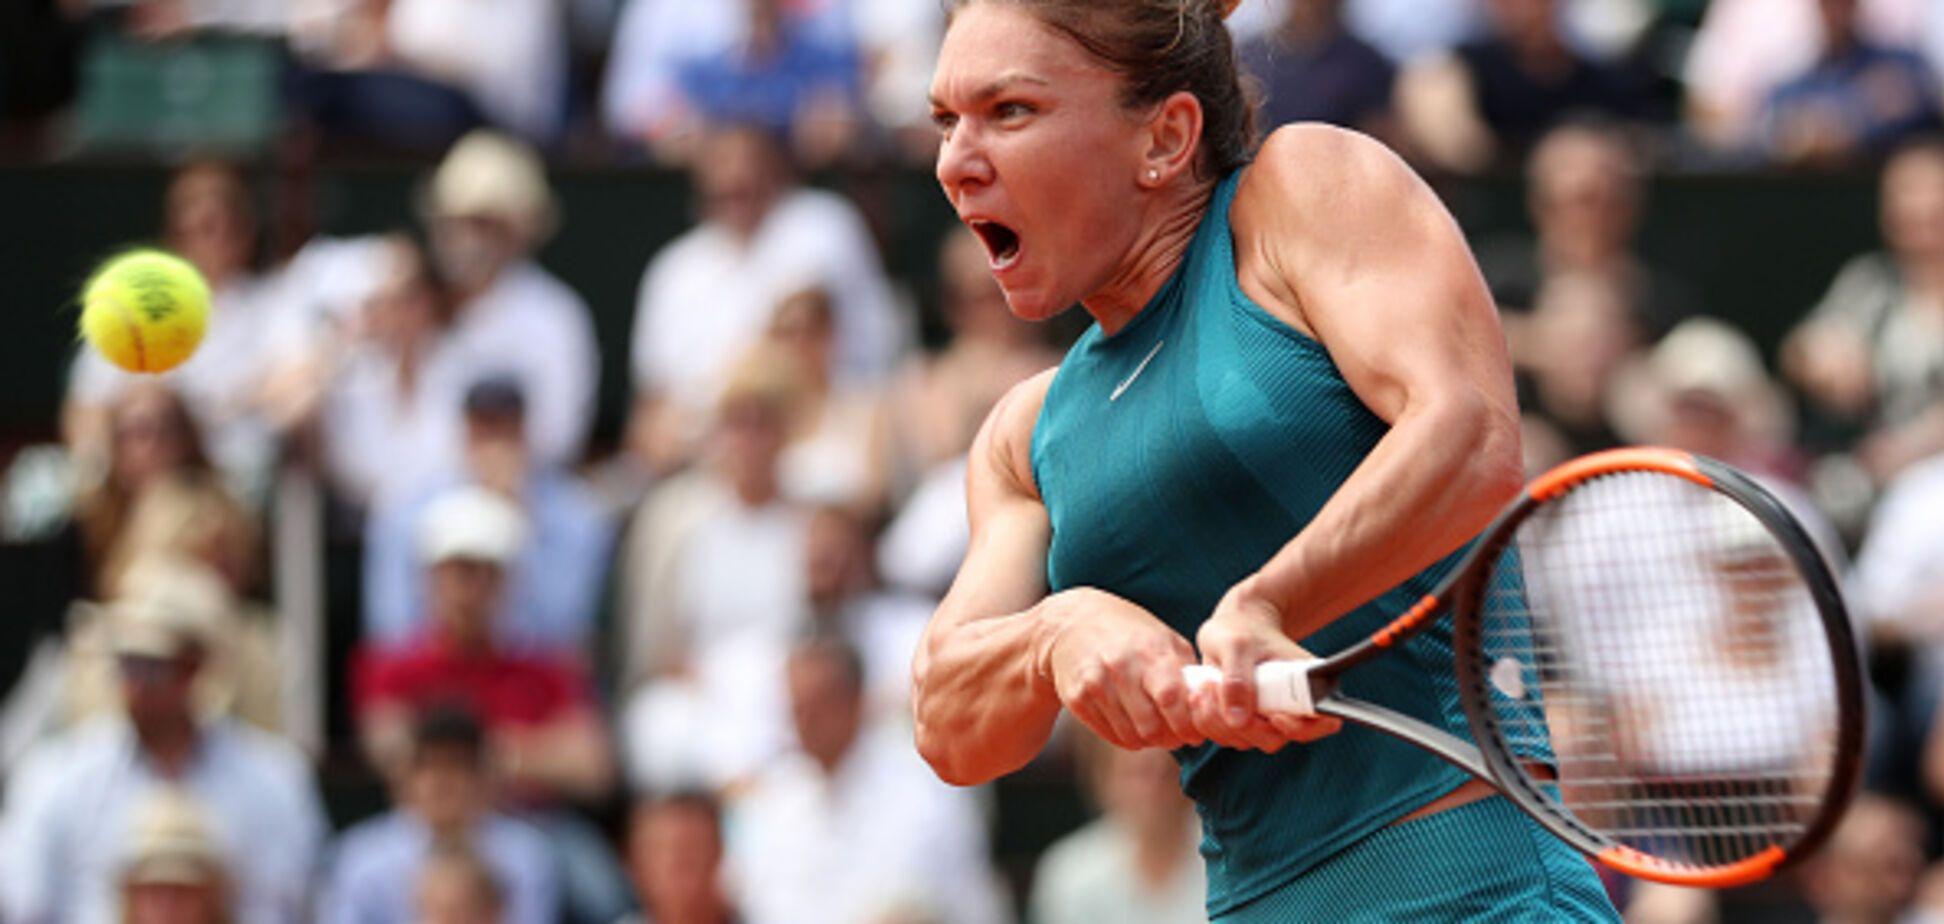 Невероятный камбек: определилась победительница Roland Garros